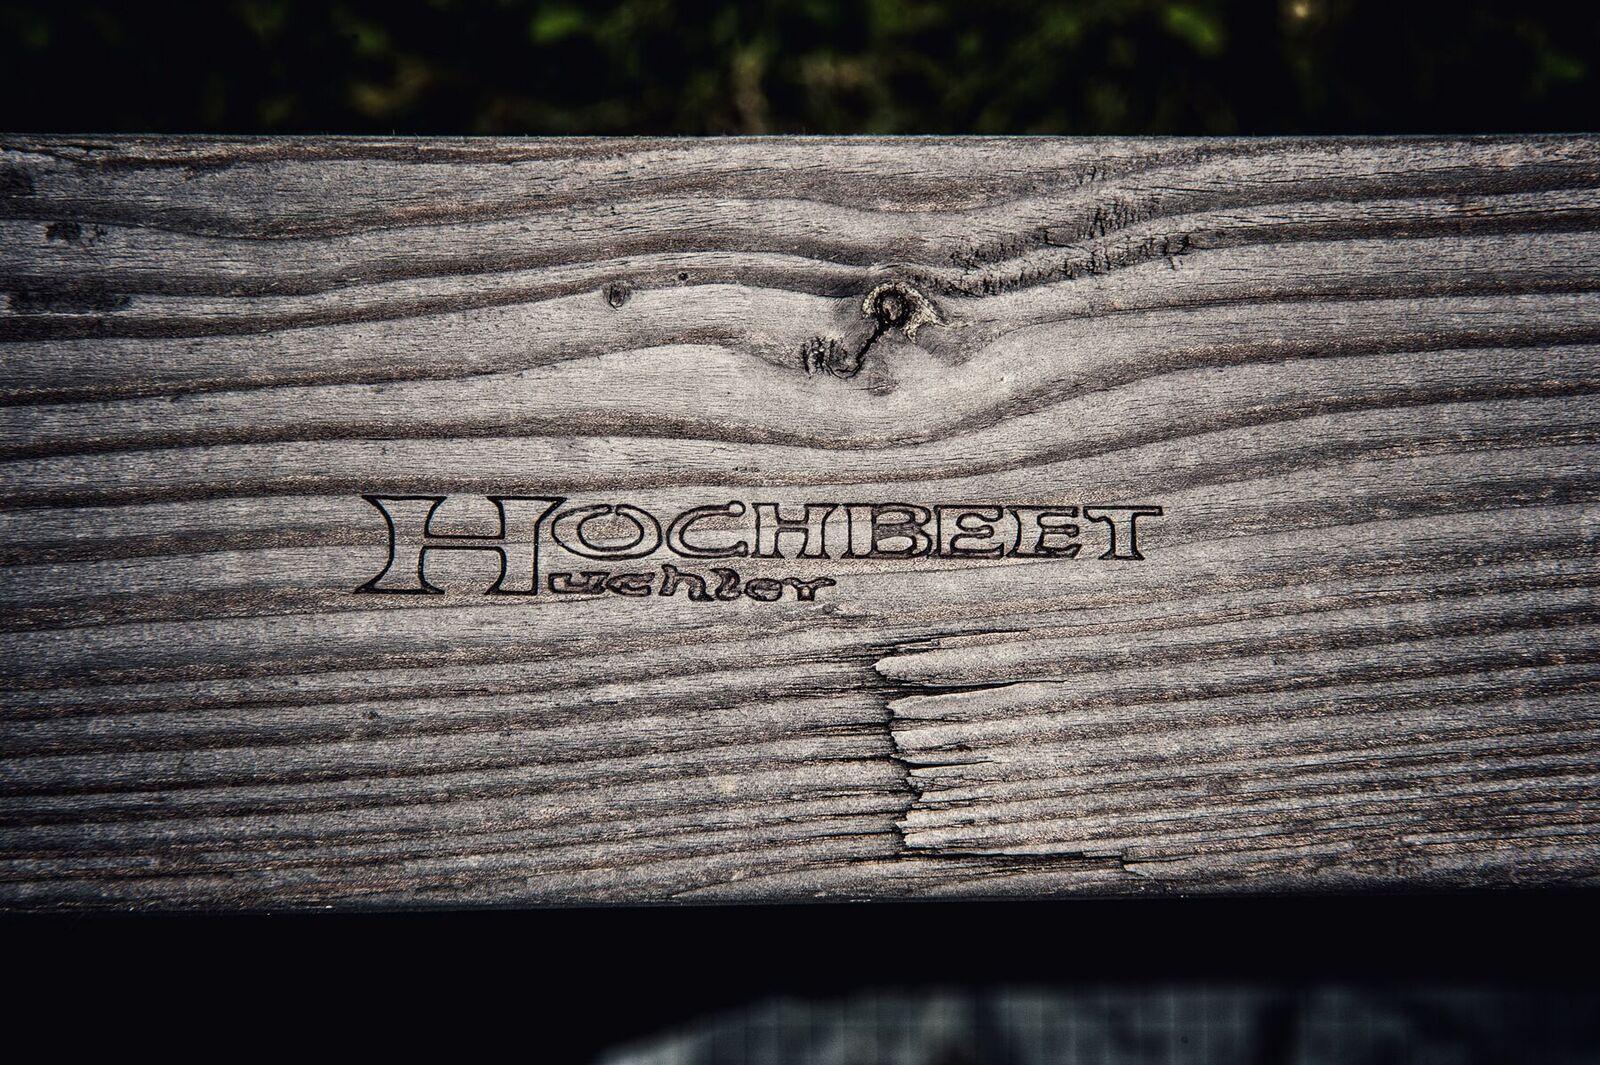 Hochbeet Huchler_Shop_Musterbeet_BeratungManufaktur_made_in_germnay_startseite Header slider2 Planetbox_duentscheidest.de